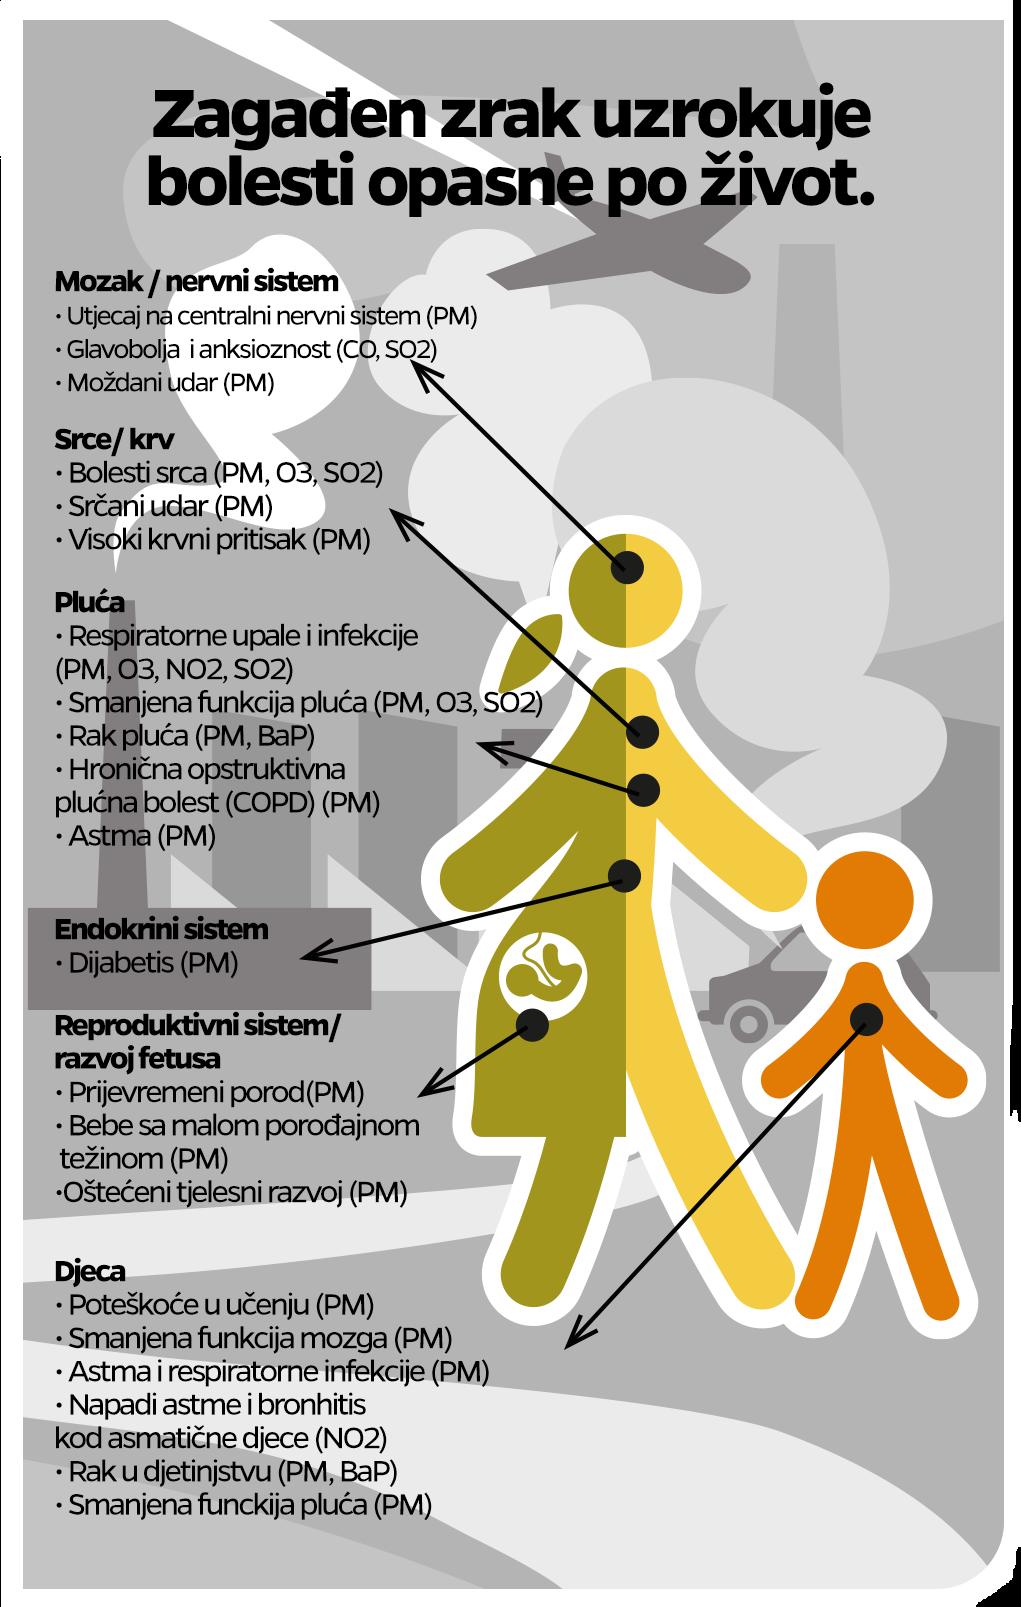 Uticaj na zdravlje pojedinačnih zagađujućih materija